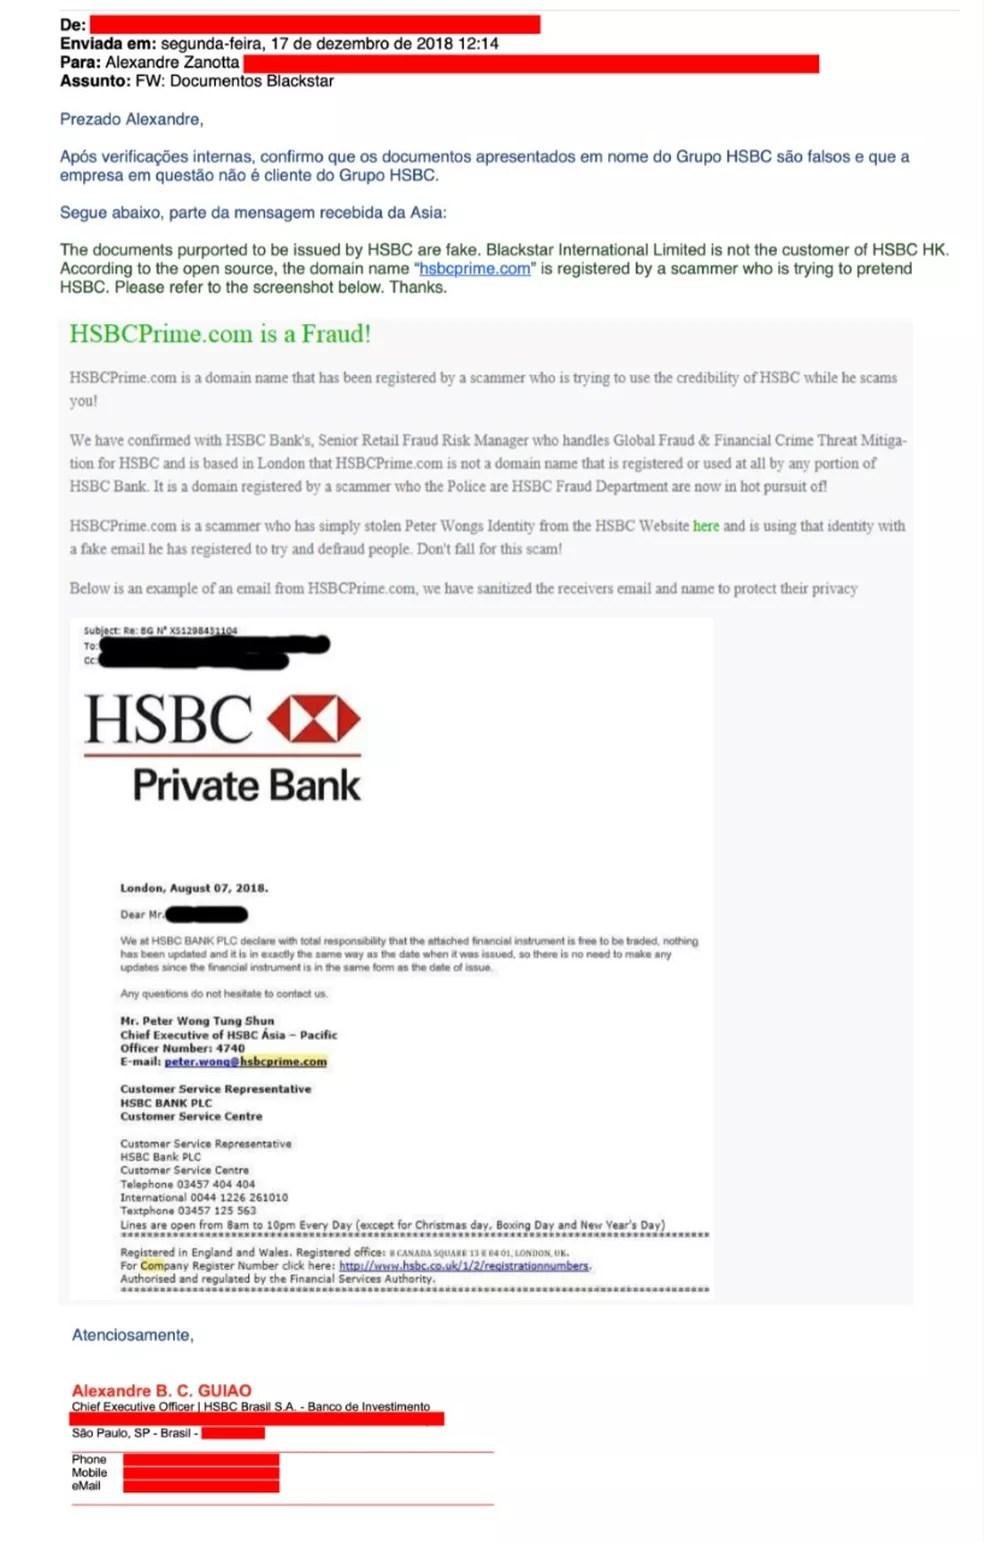 Reprodução do e-mail enviado pelo HSBC ao diretor jurídico do Palmeiras, informando que a garantia bancária apresentada pela Blackstar é falsa — Foto: Reprodução